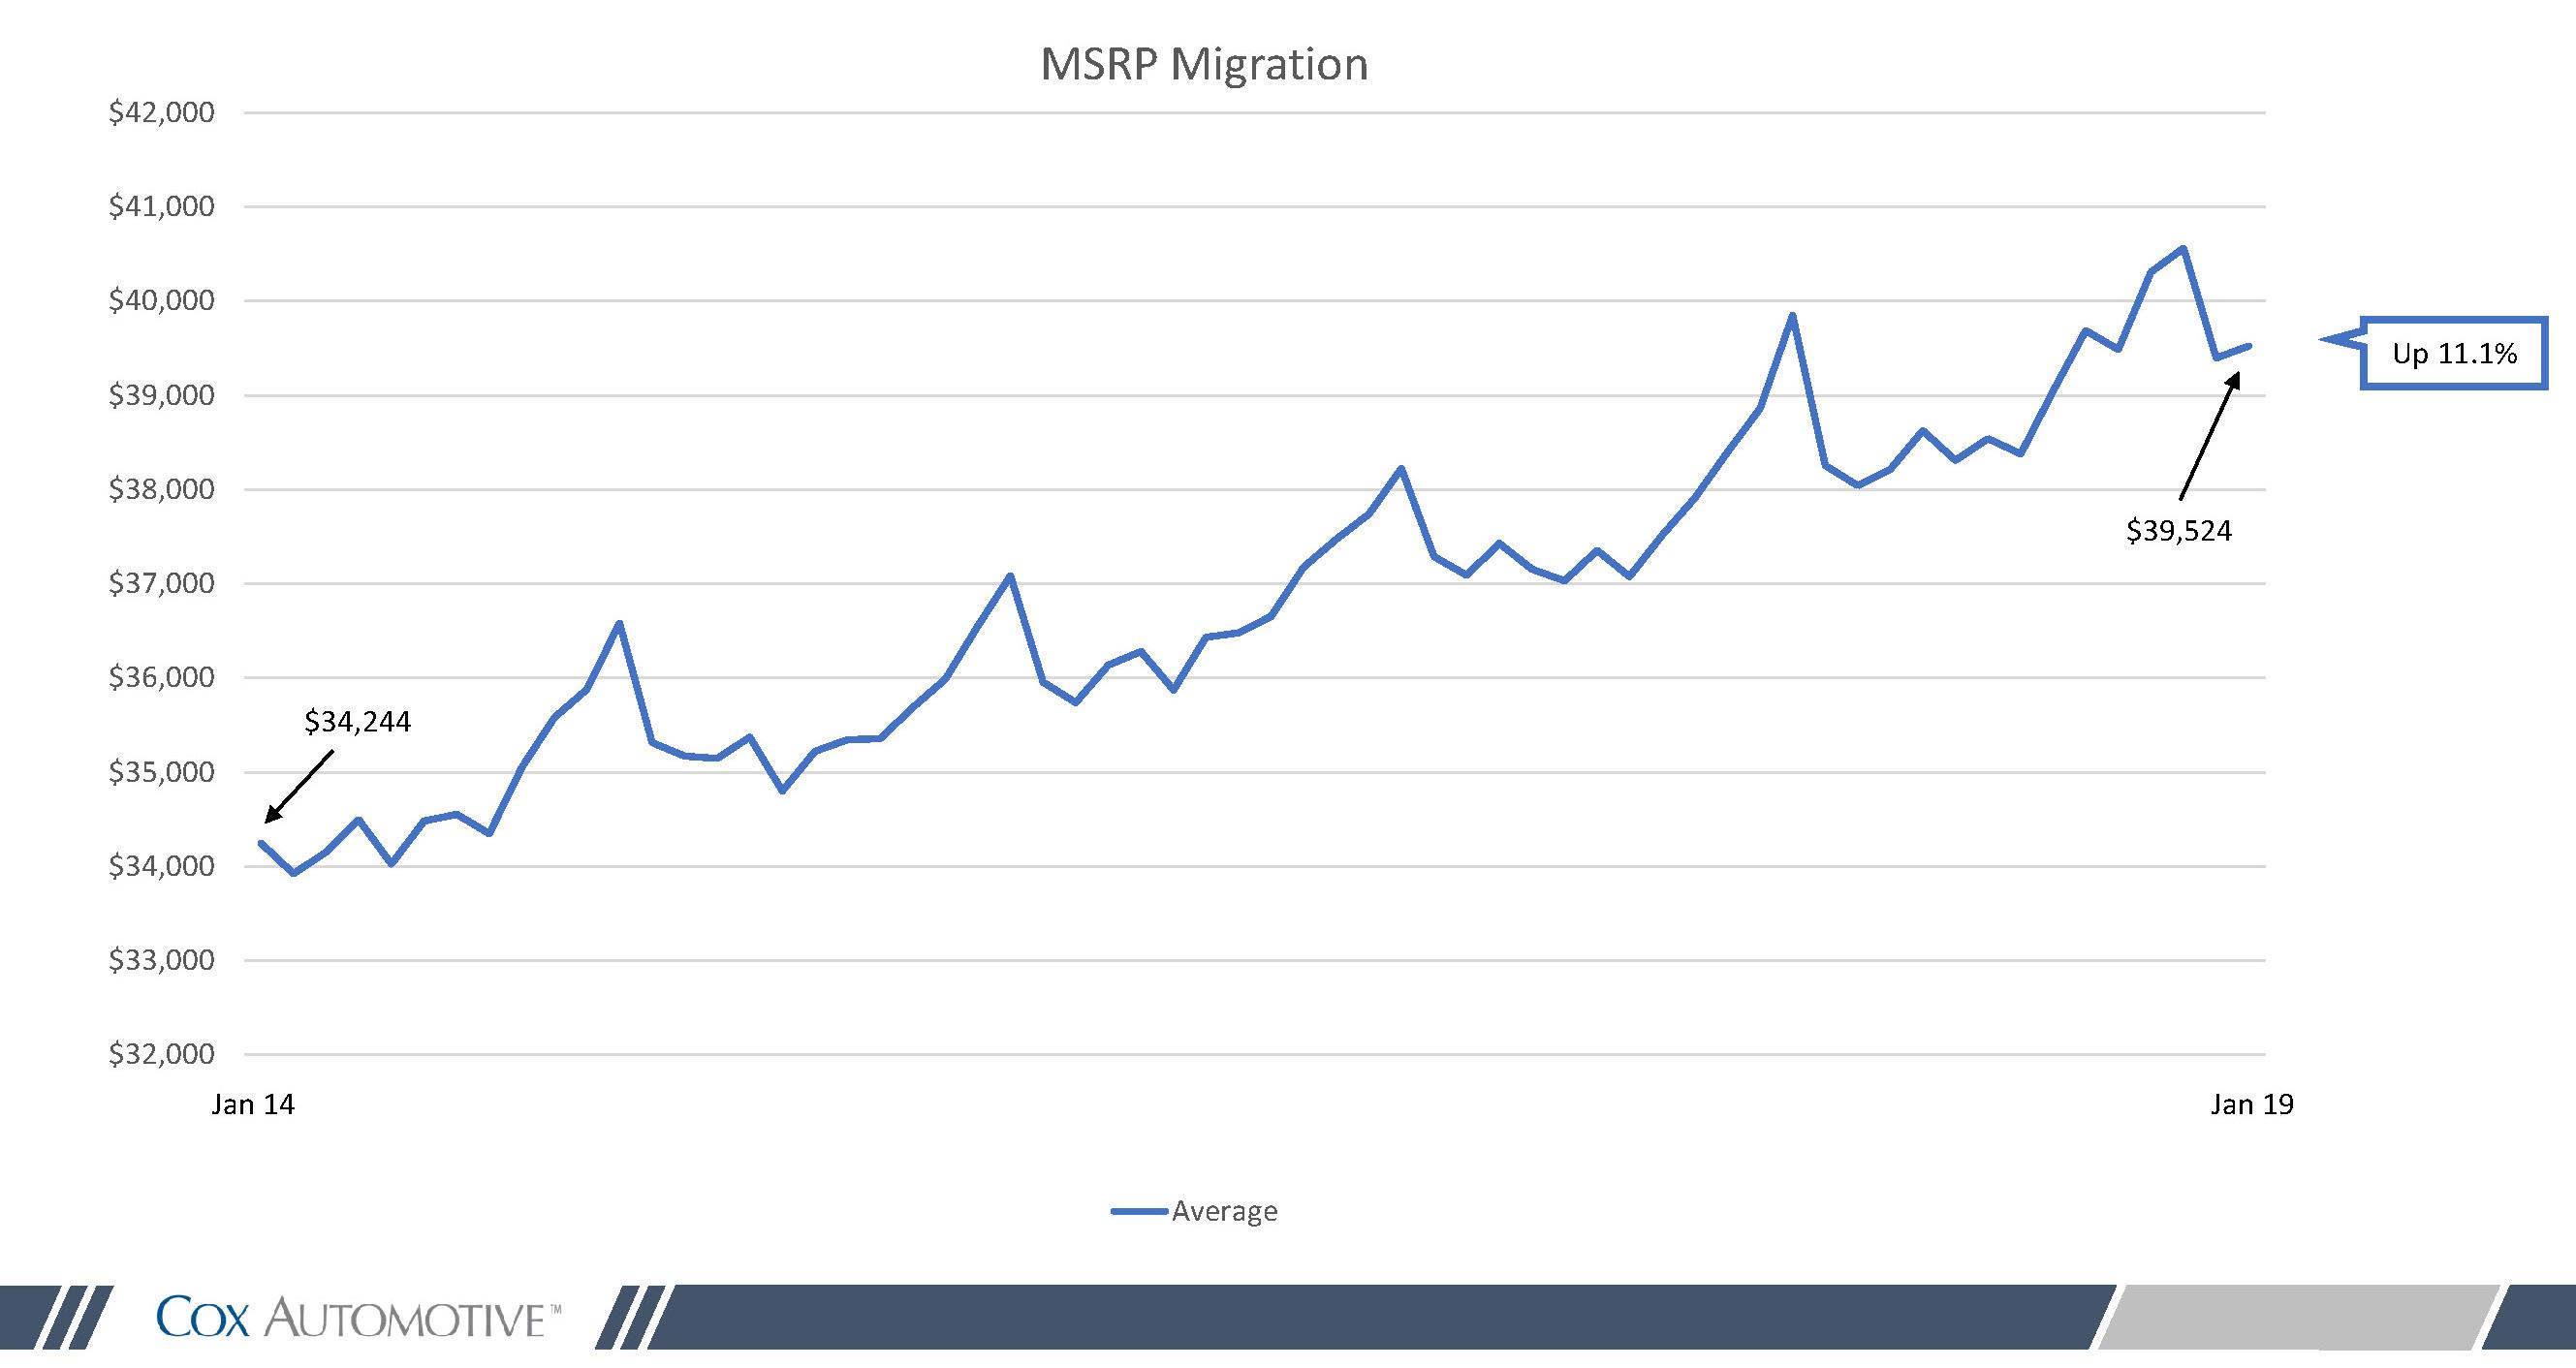 Msrp migration image 2